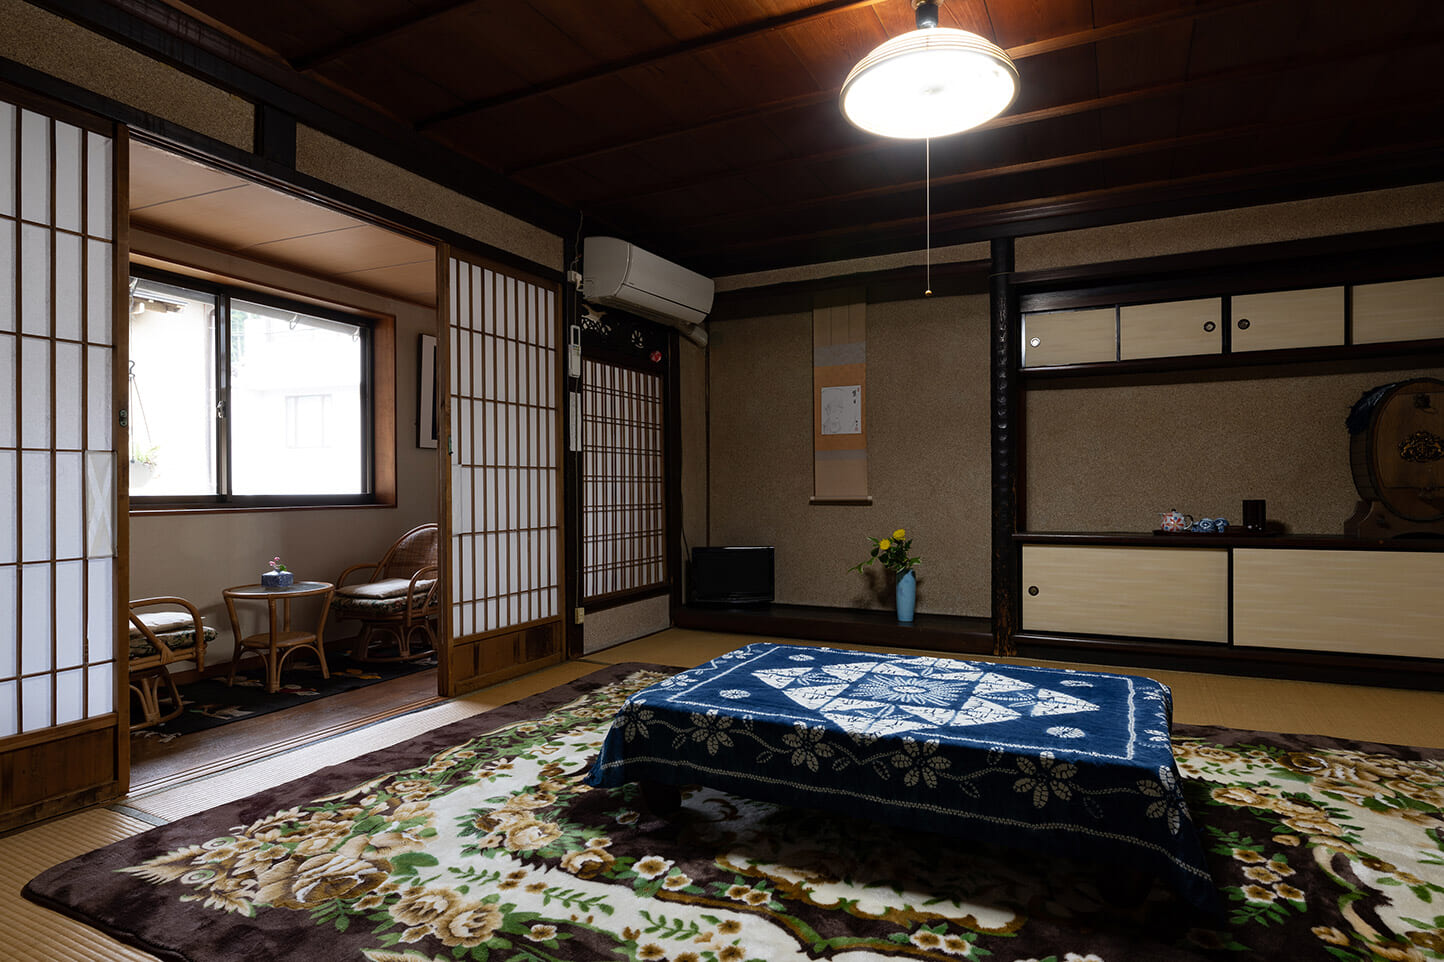 囲炉裏の宿 菊美屋 スライダー画像3